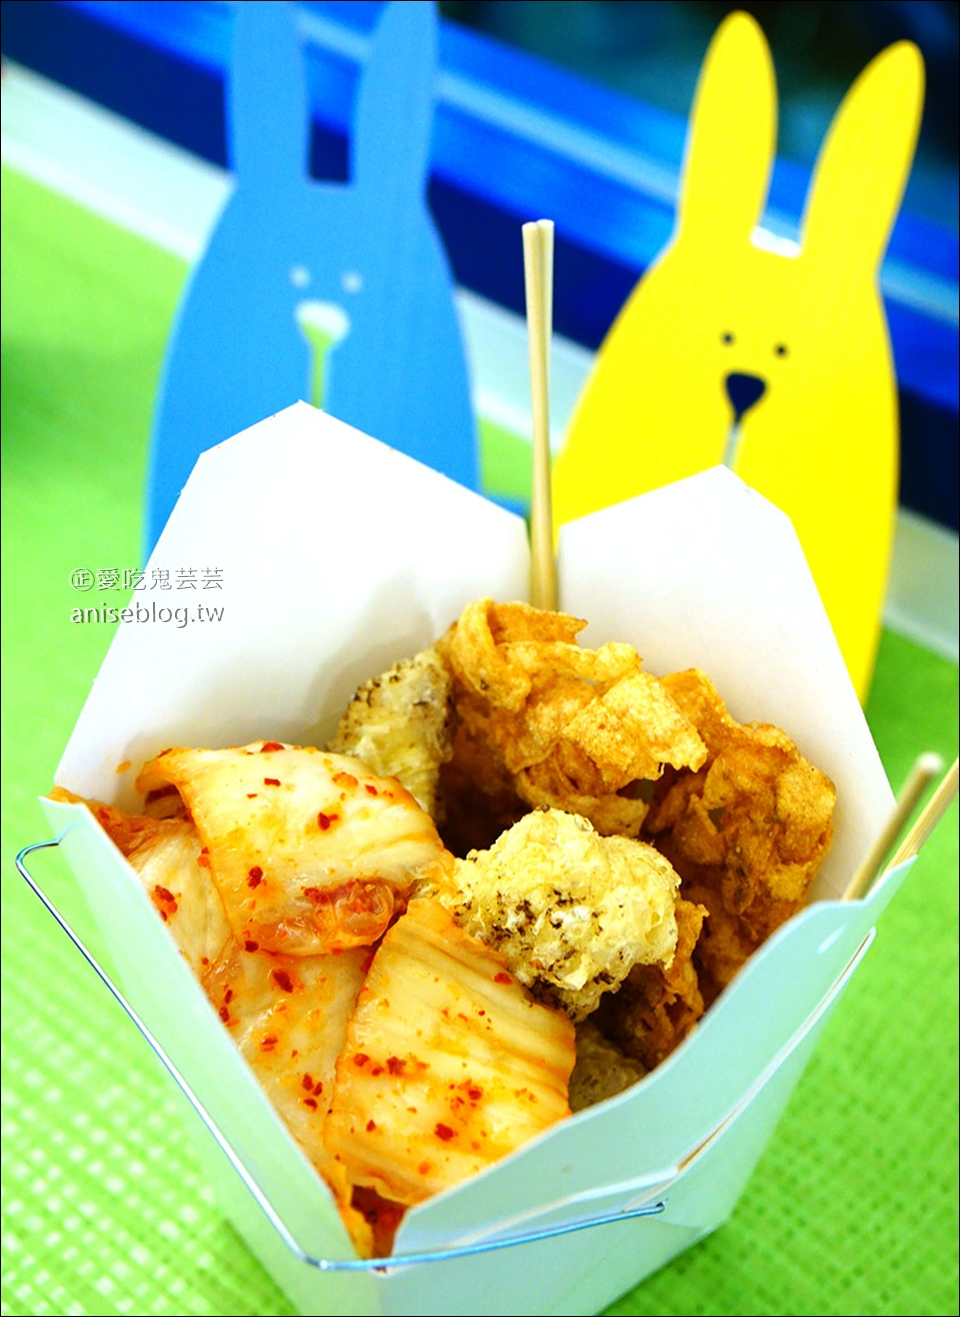 嘉義鹽酥雞   基隆廟口鹽酥雞、韓式千層脆片